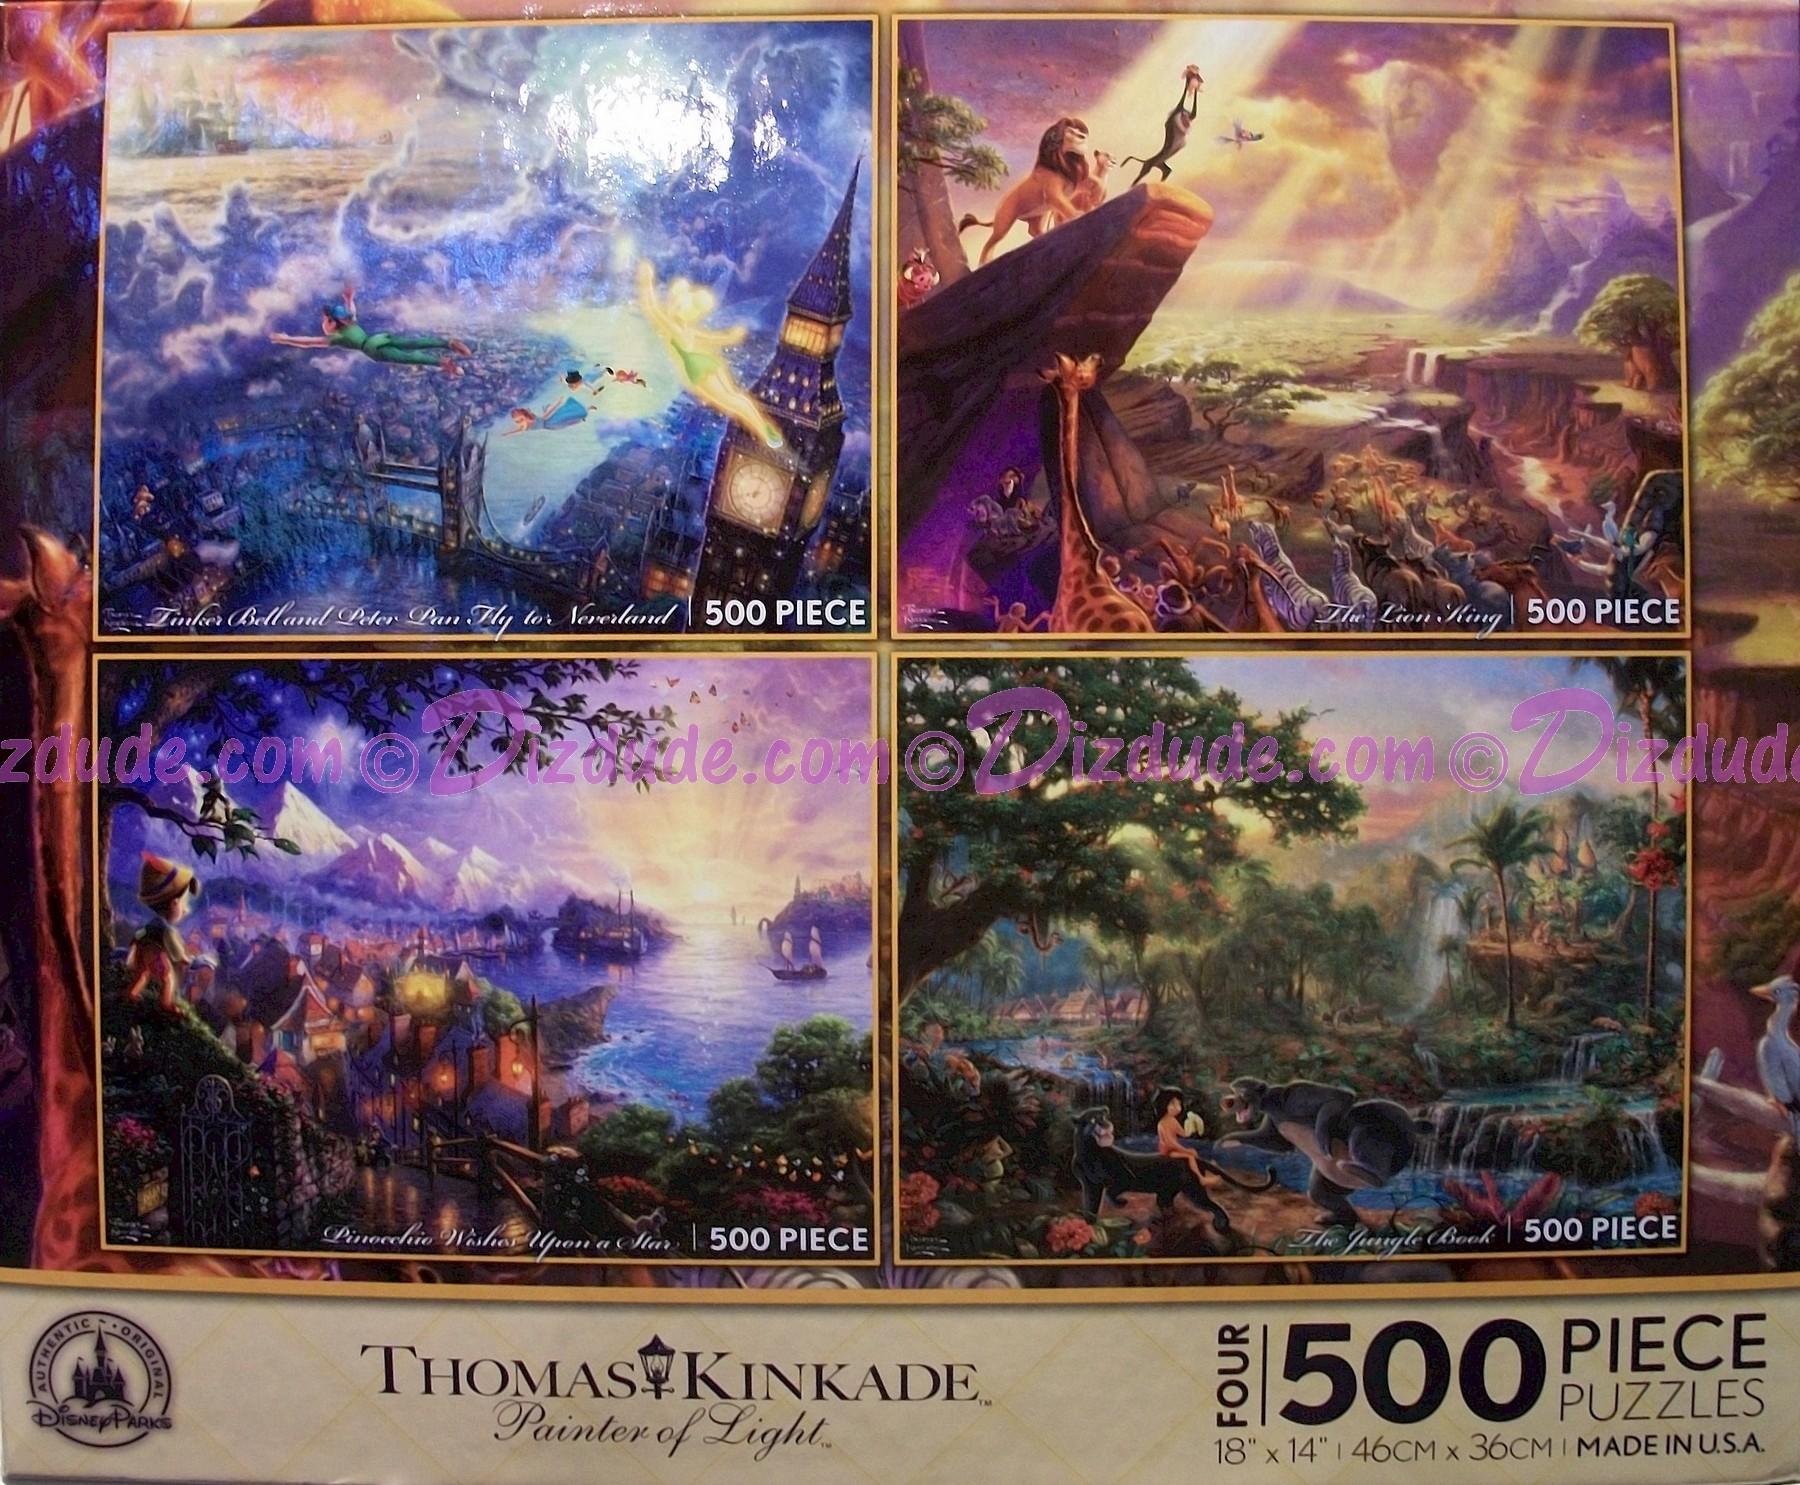 Disney World Four 500 Piece Jigsaw Puzzles © Dizdude.com